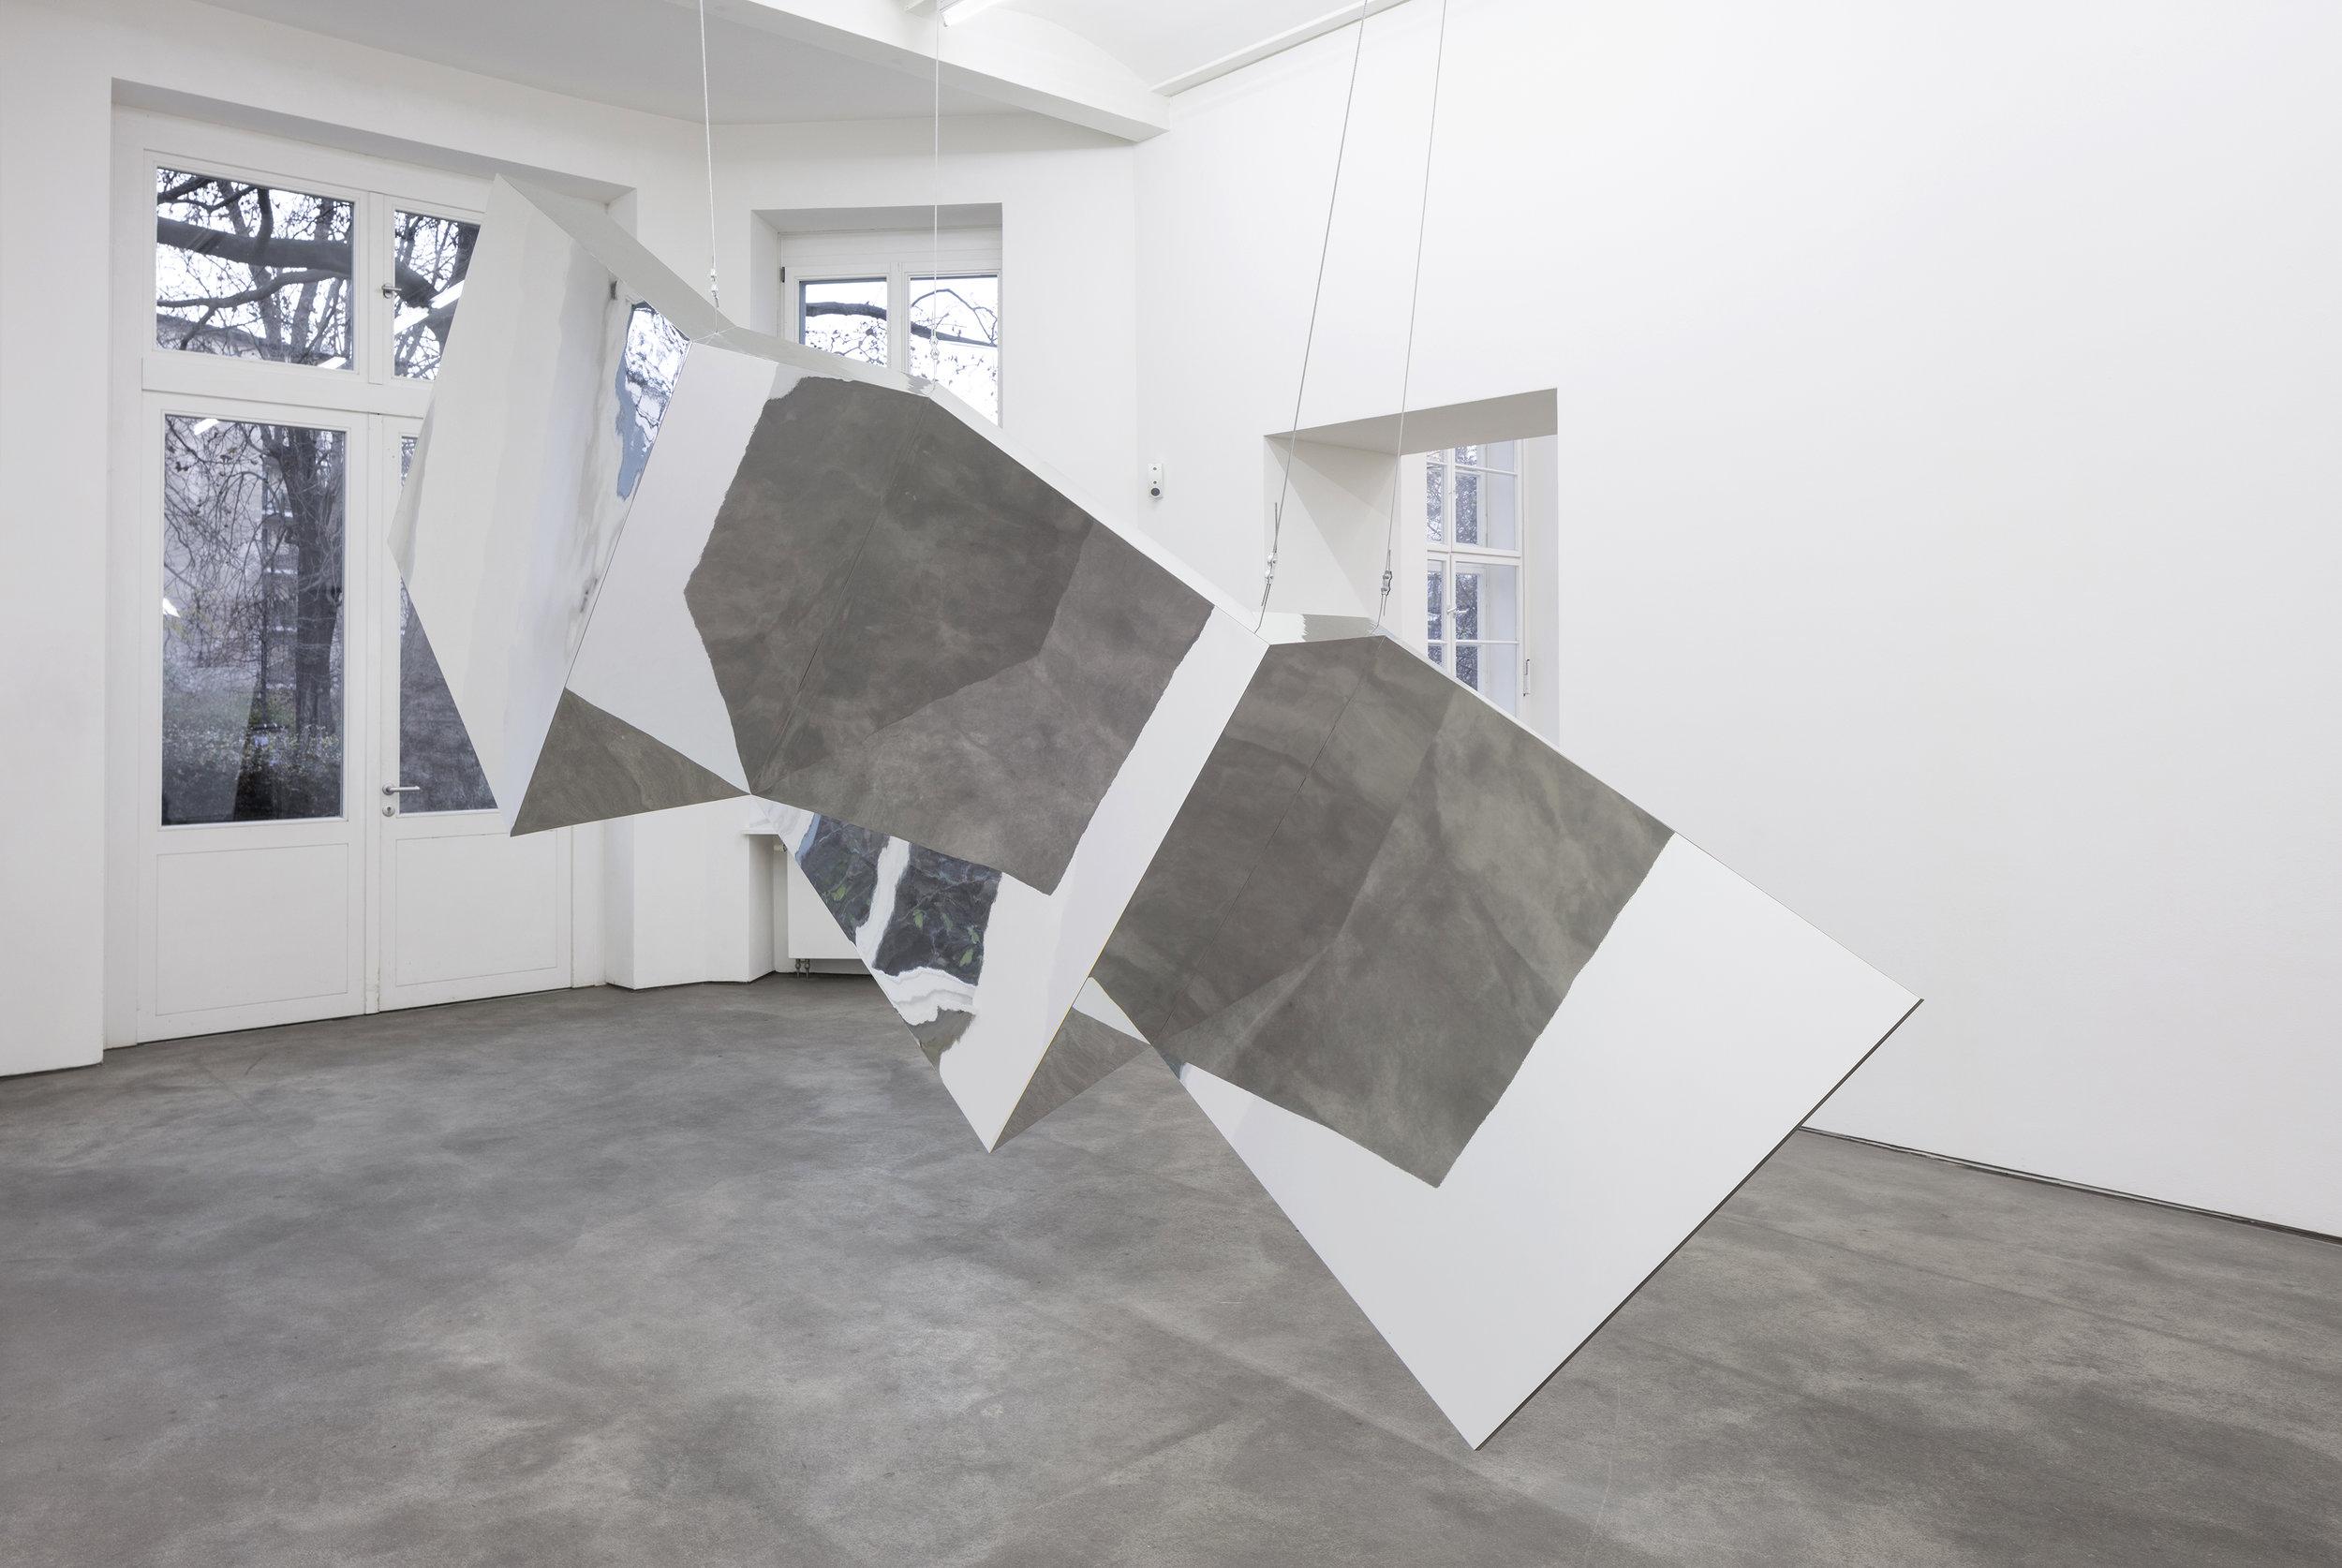 Robert Morris. Refractions, Sprüth Magers Berlin, 2016